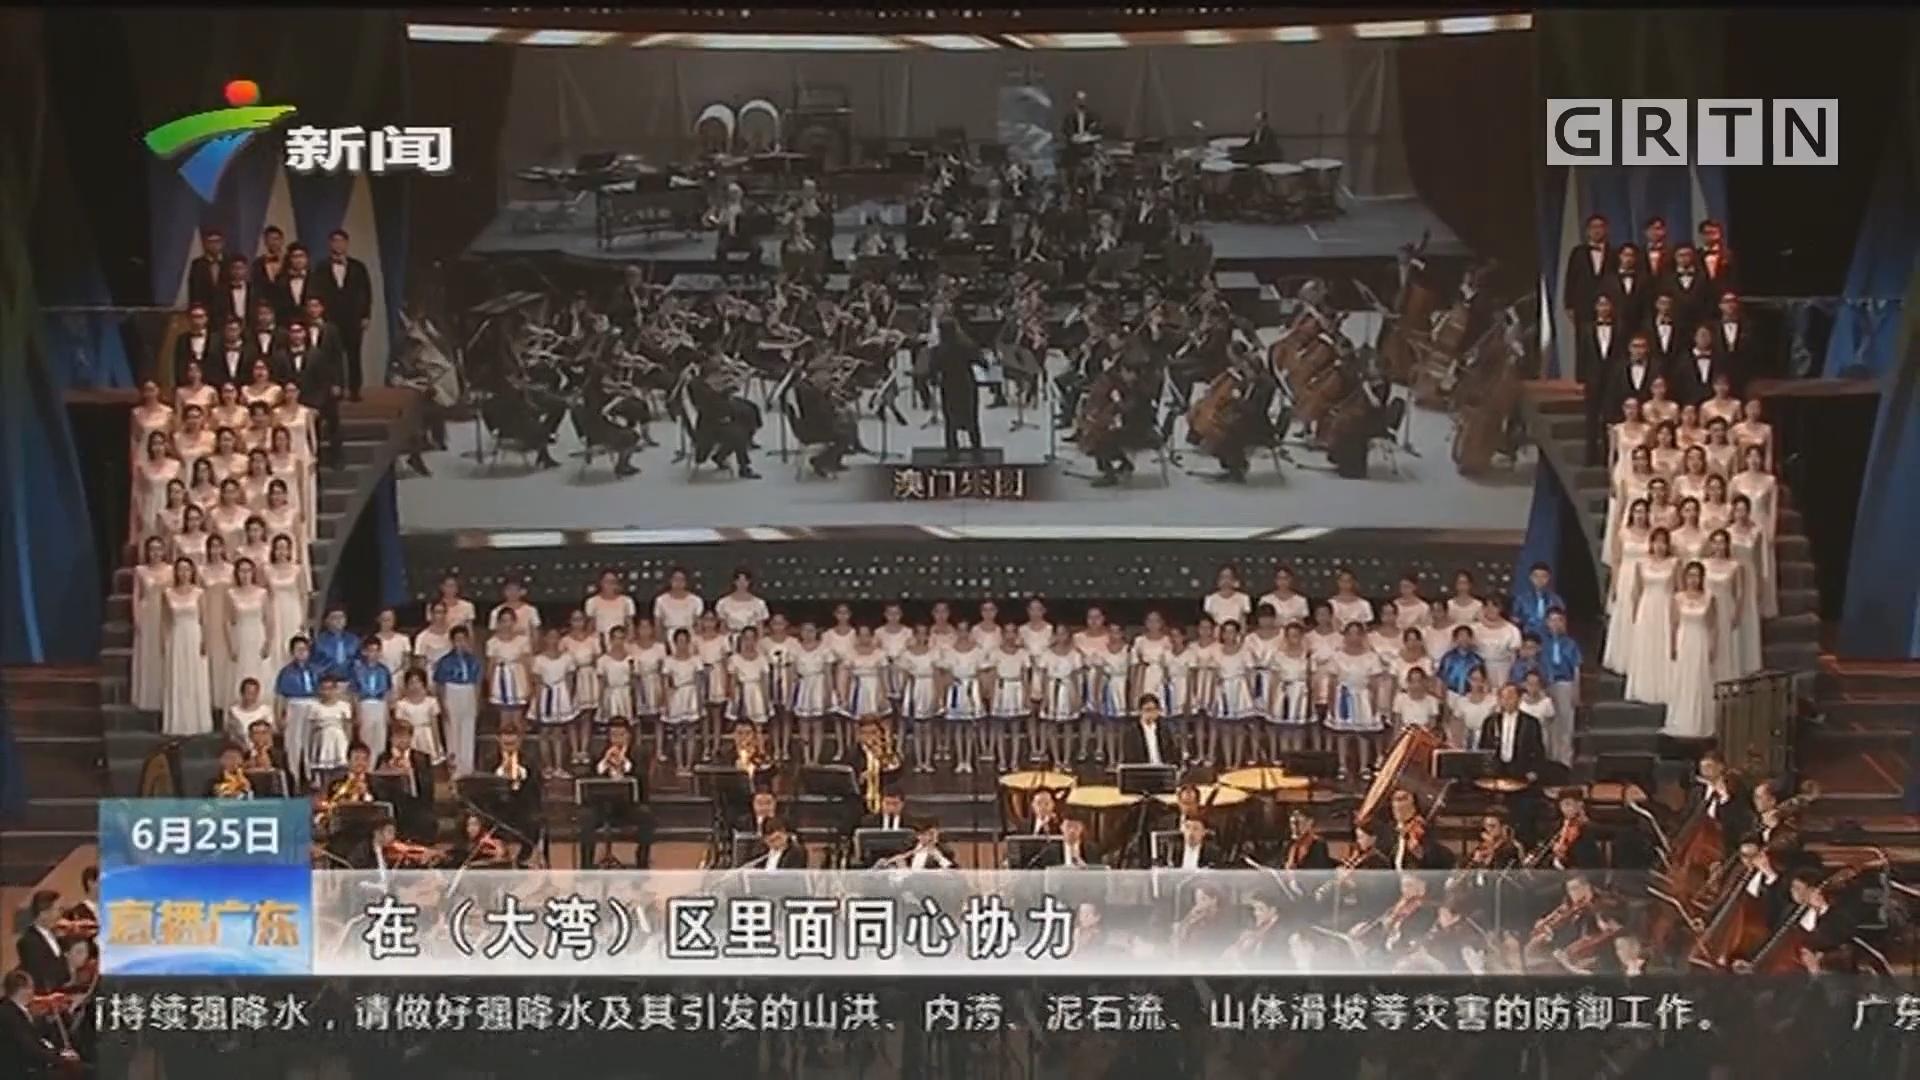 首届粤港澳大湾区文化艺术节开幕:三地共同唱响大湾区美好未来